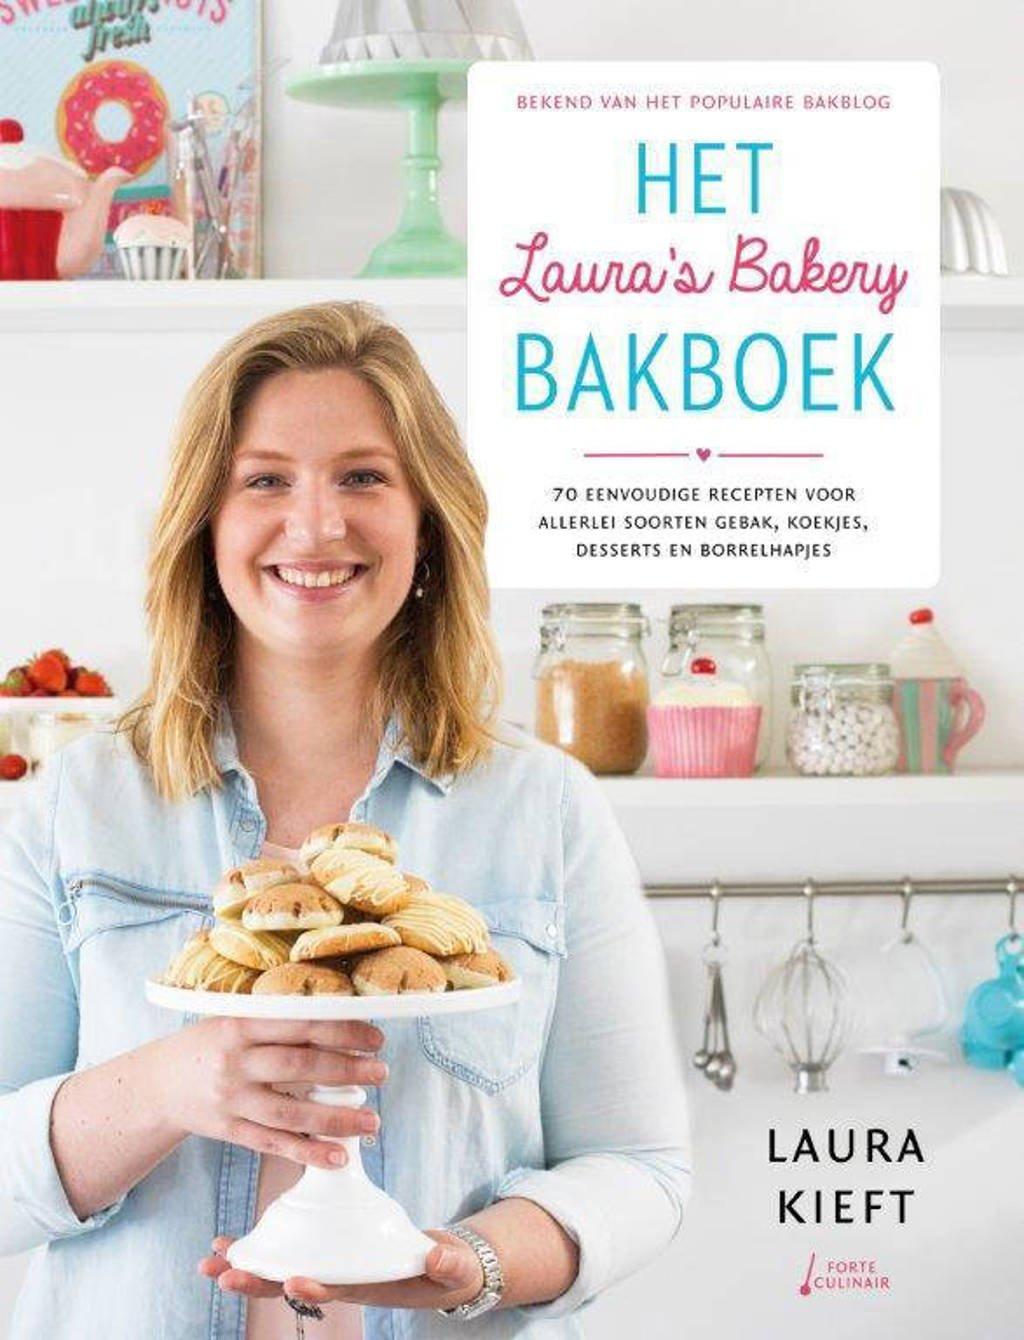 Het Laura's bakery bakboek - Laura Kieft